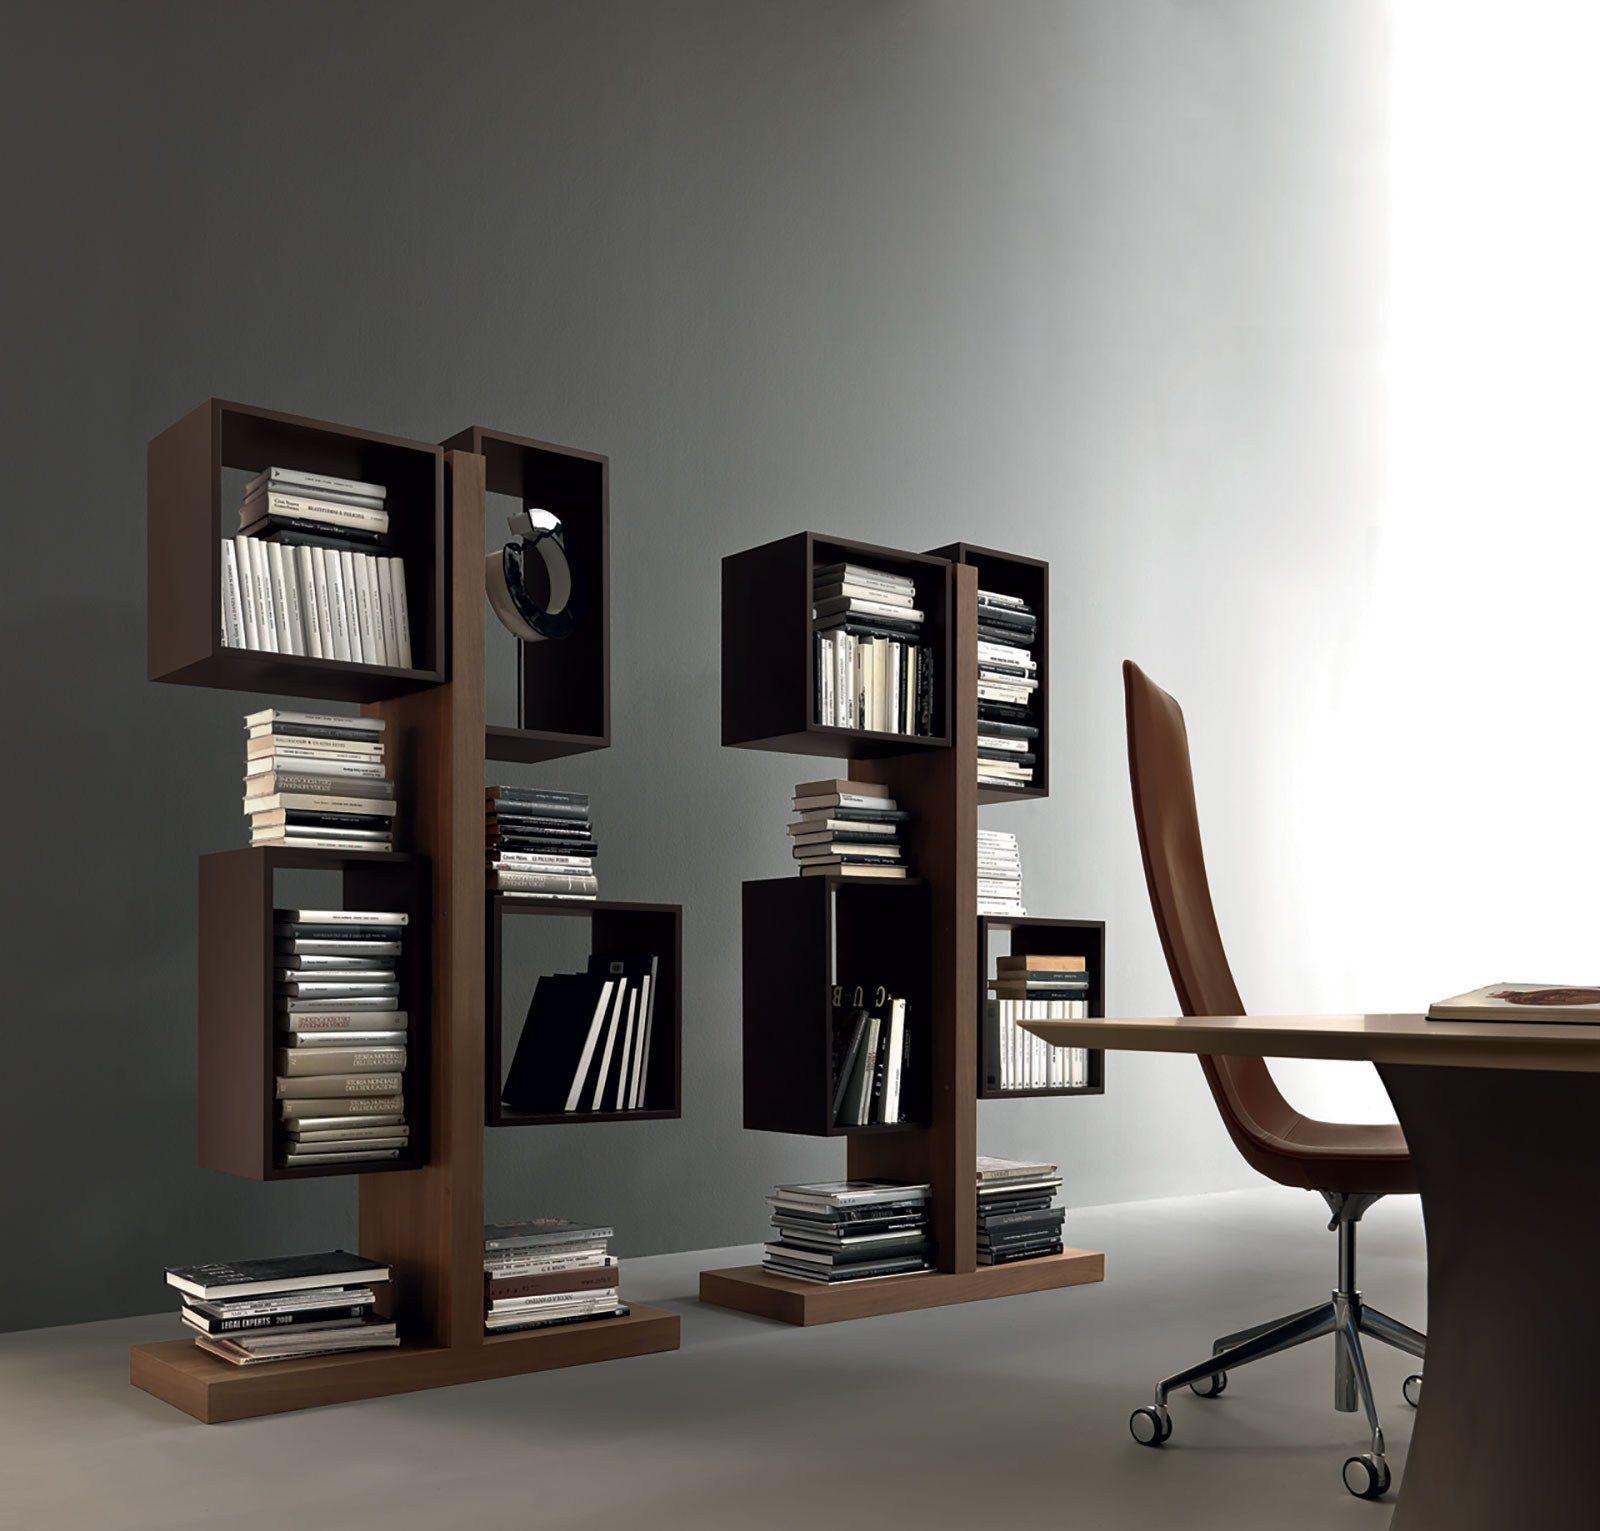 Totem libreria ufficio in legno by italy dream design for Ufficio design in legno